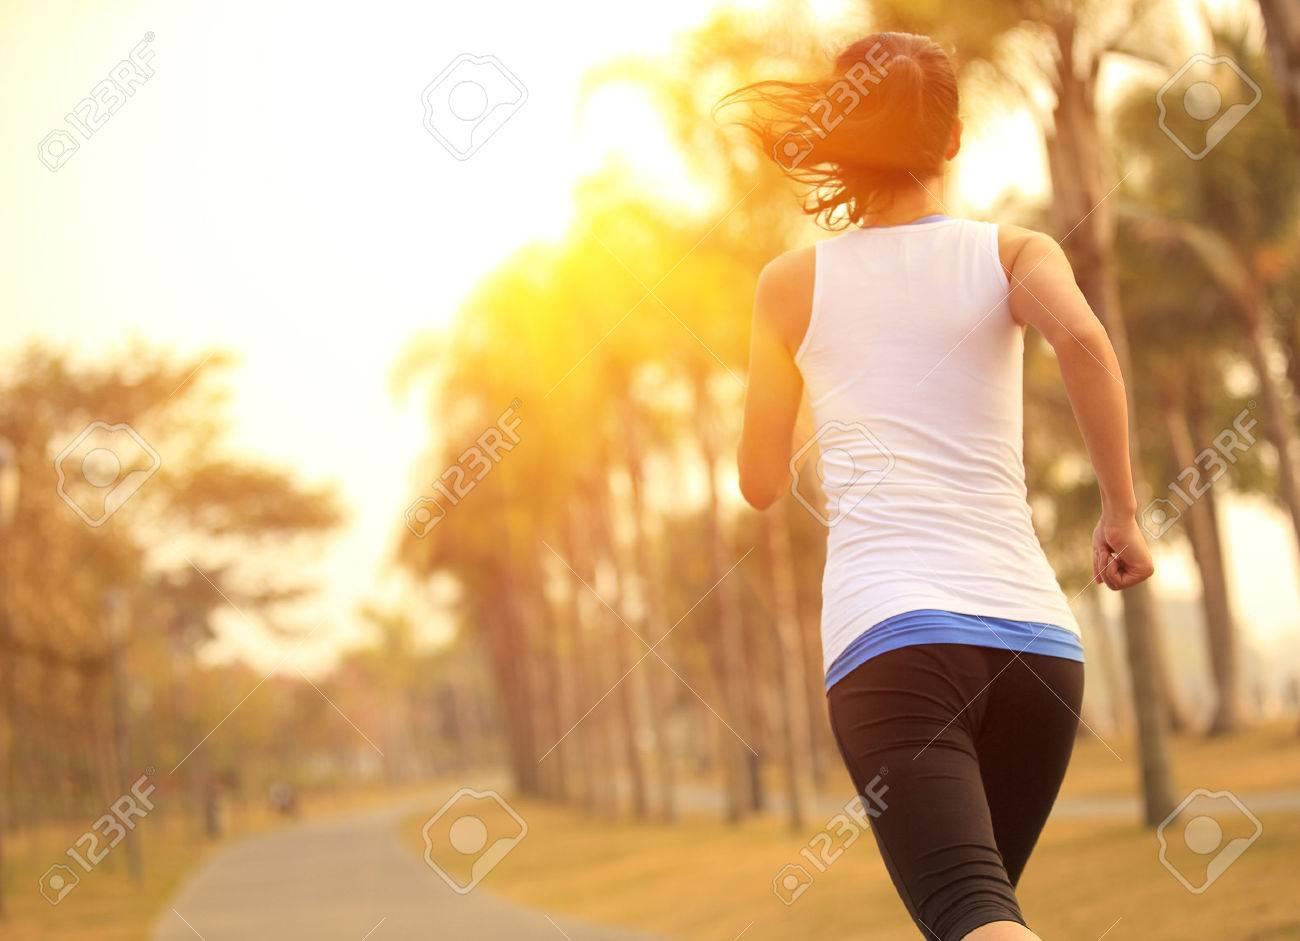 woman running at tropical park - 51285375